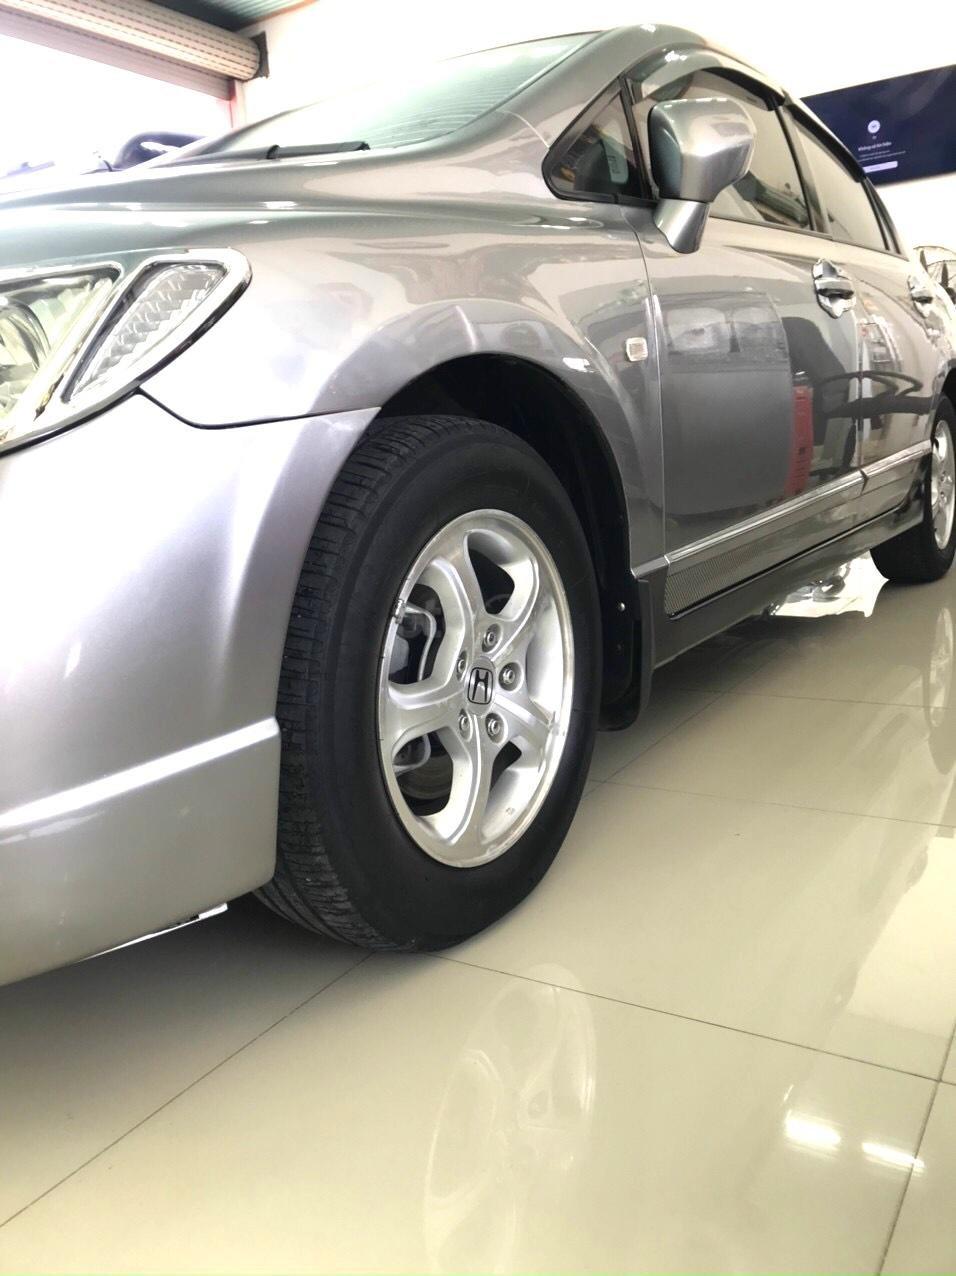 Bán Hyundai Santa Fe sản xuất 2008 giá thương lượng, giá ưu đãi cho khách có thiện chí mua (4)